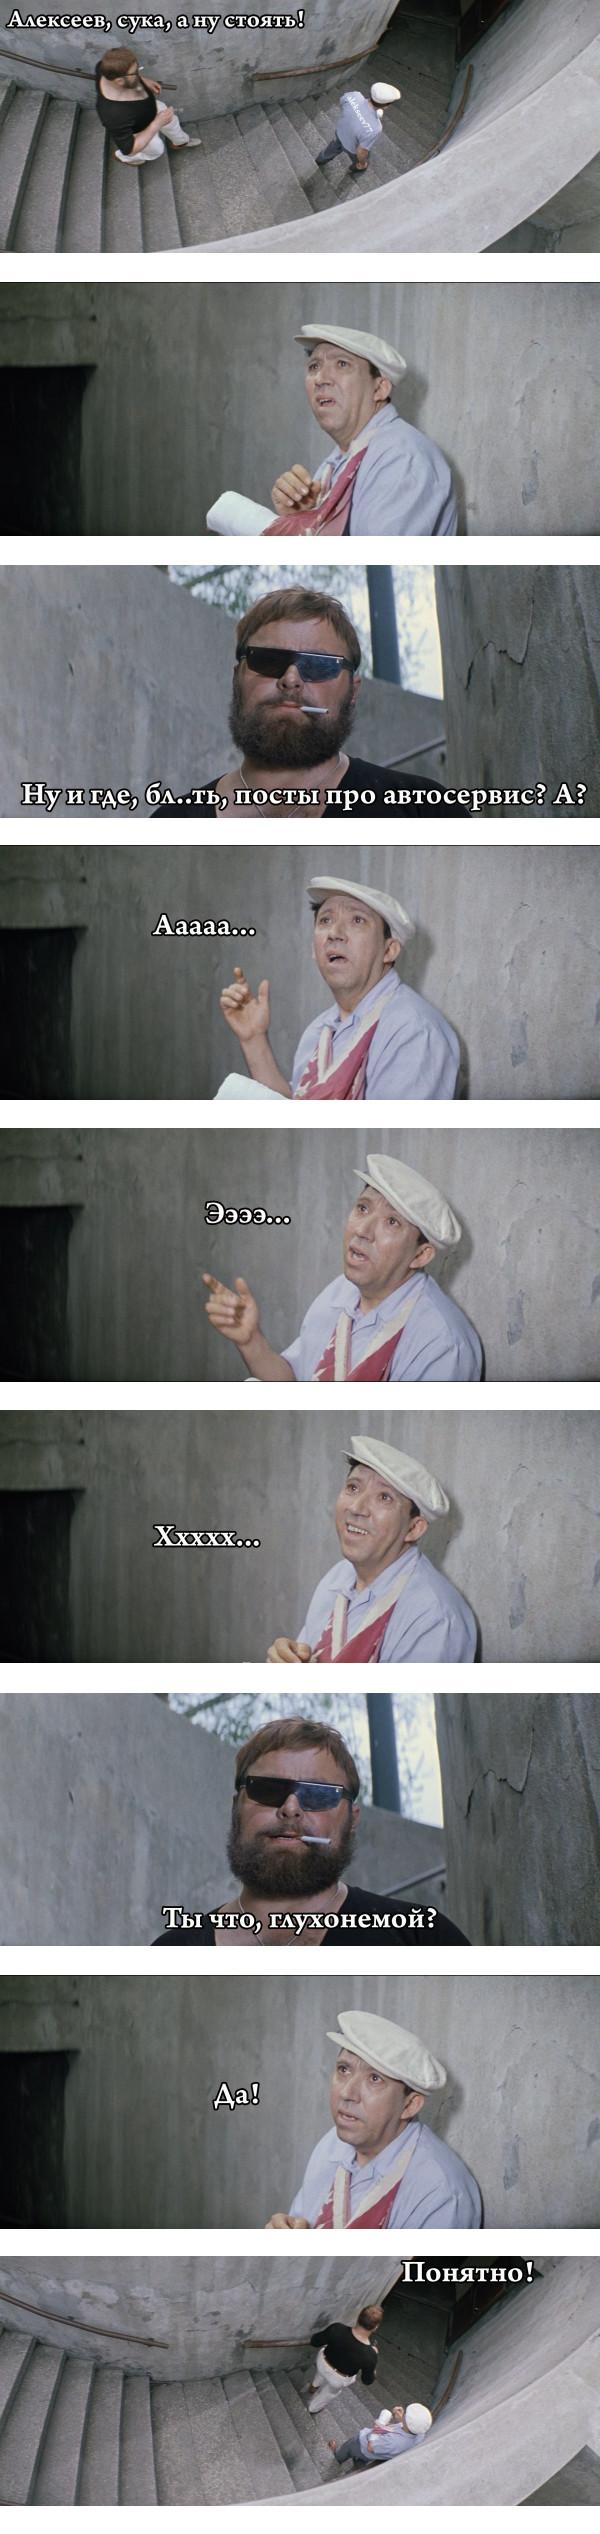 Ещё немного безумия ) Мемы, Прикол, Фильмы, Бриллиантовая рука, Длиннопост